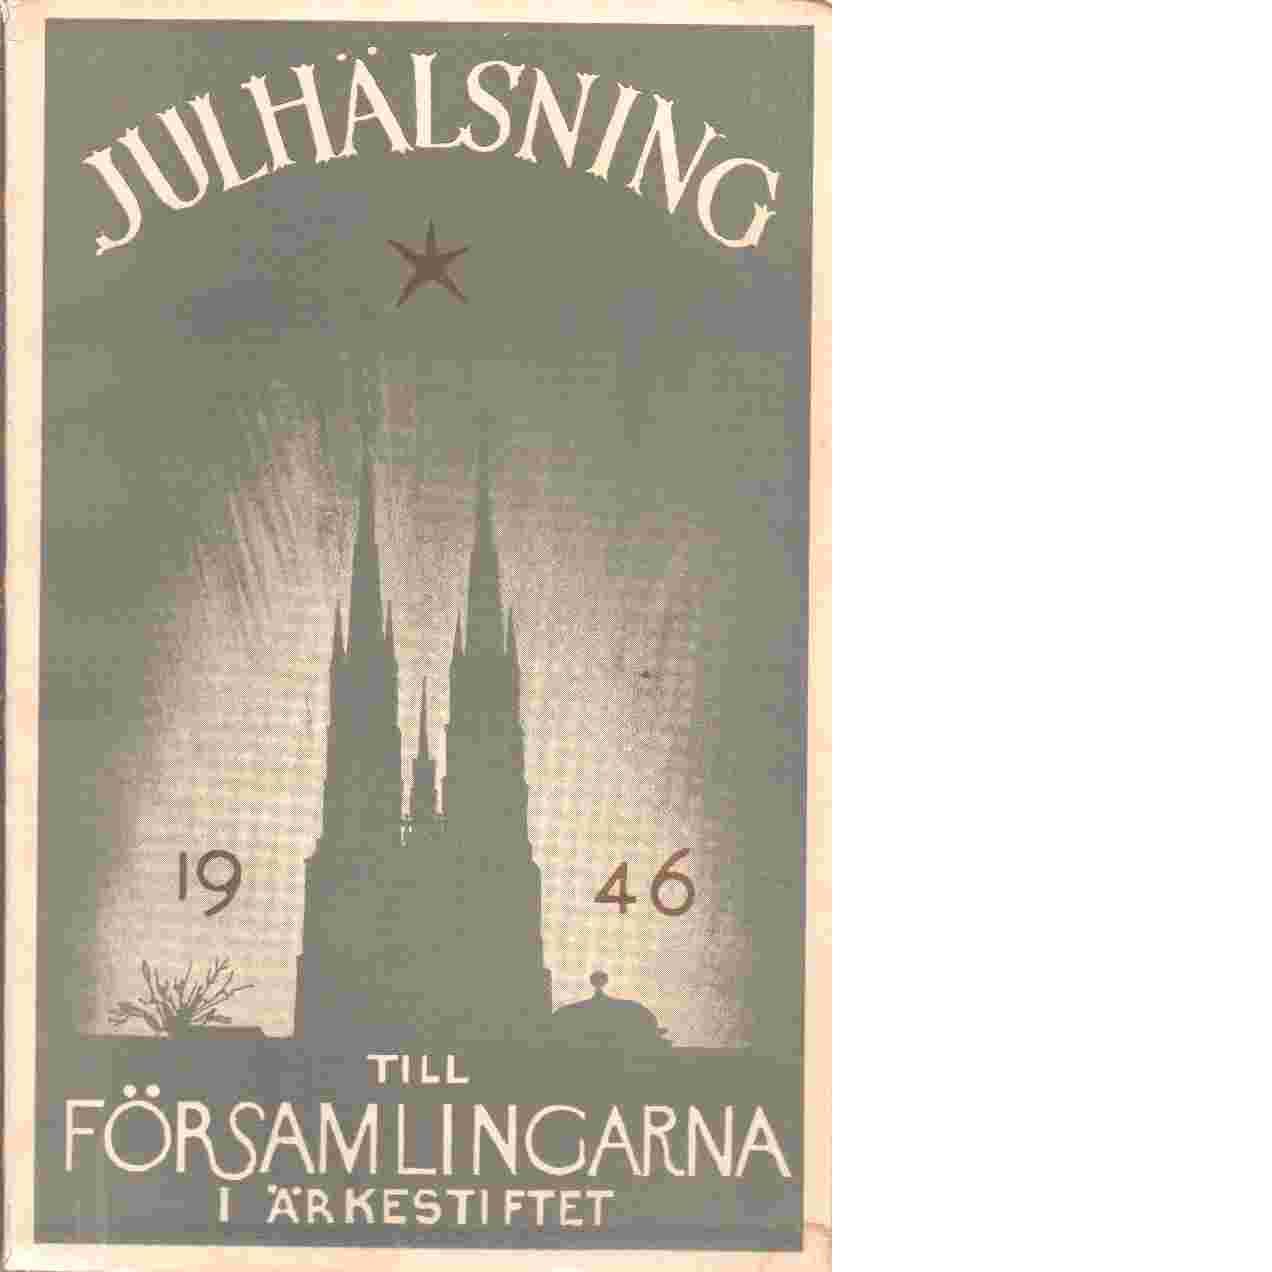 Julhälsning till församlingarna i ärkestiftet  1946 - Svenska kyrkan. Uppsala stift